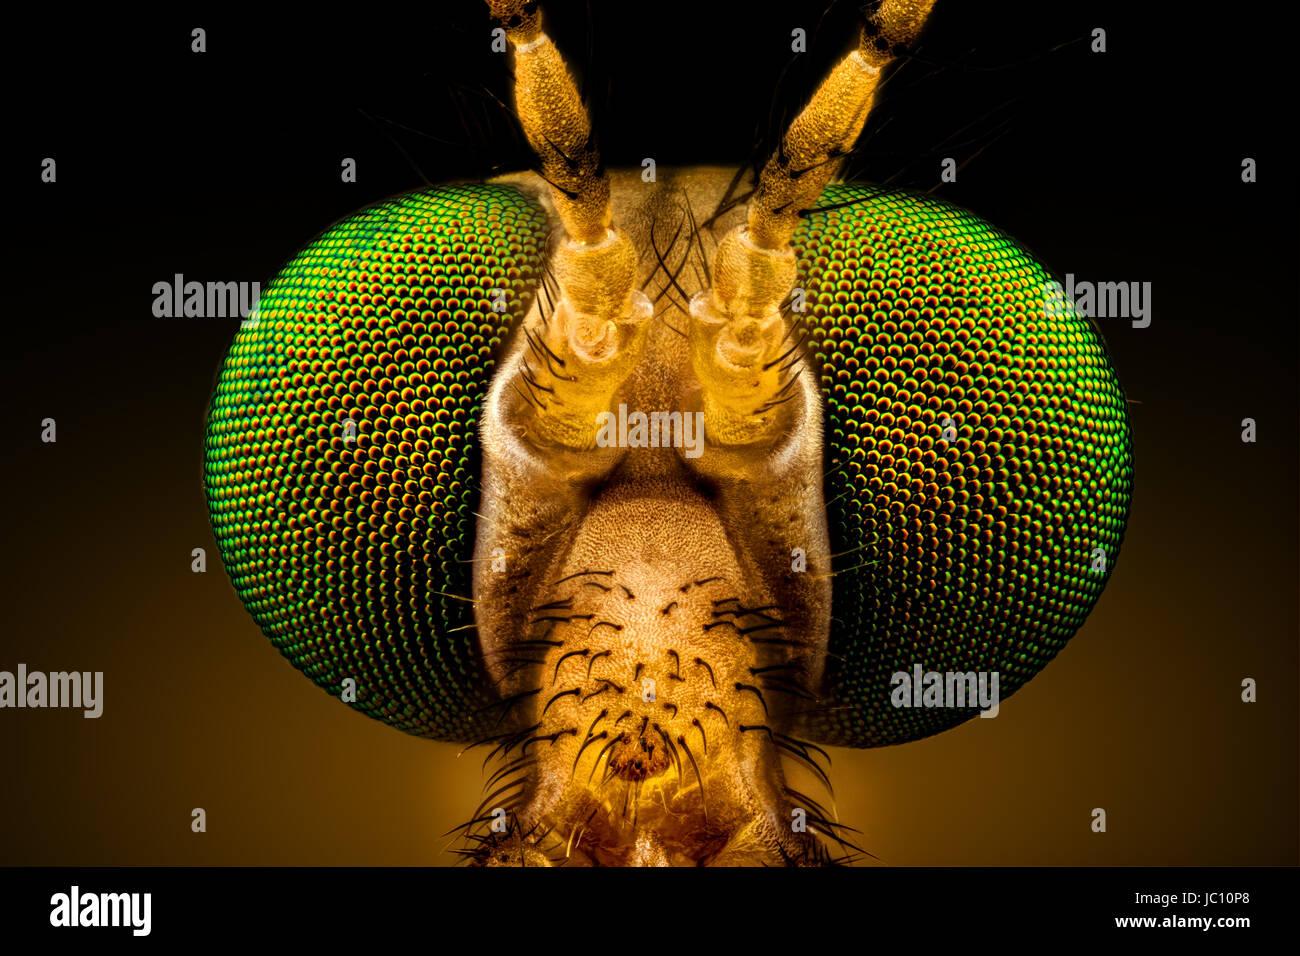 Extreme Makro - volle frontale Porträt eines grünen Augen Crane Fly, durch ein Mikroskopobjektiv vergrößert Stockbild